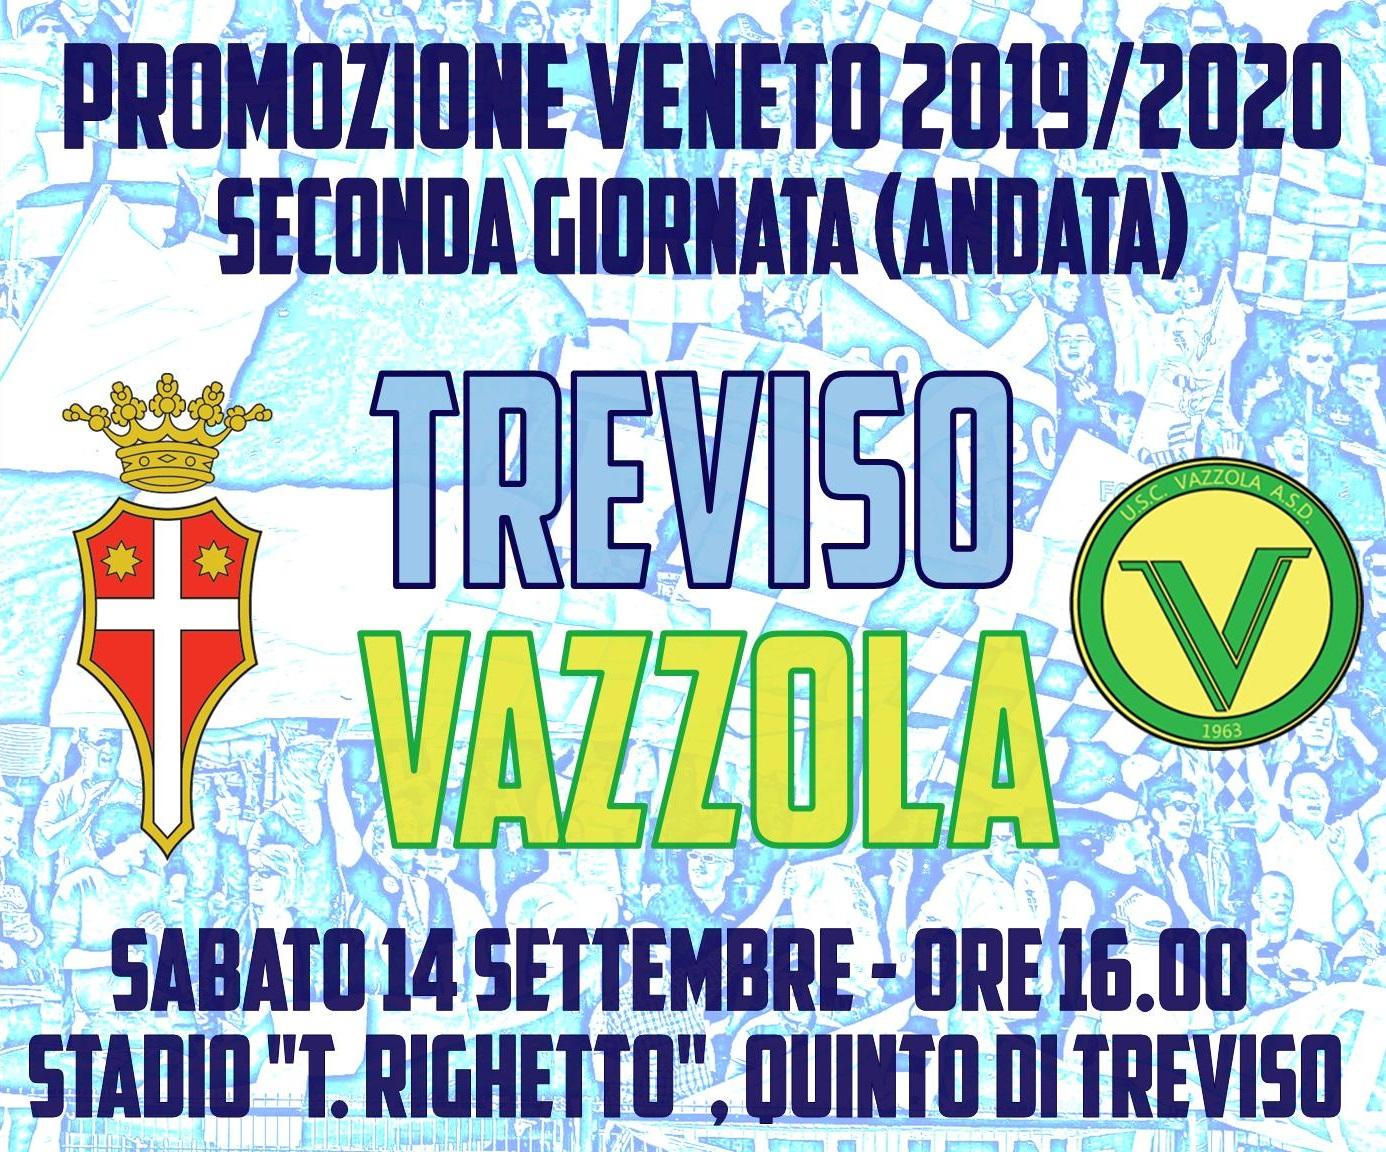 treviso-vazzola-locandina